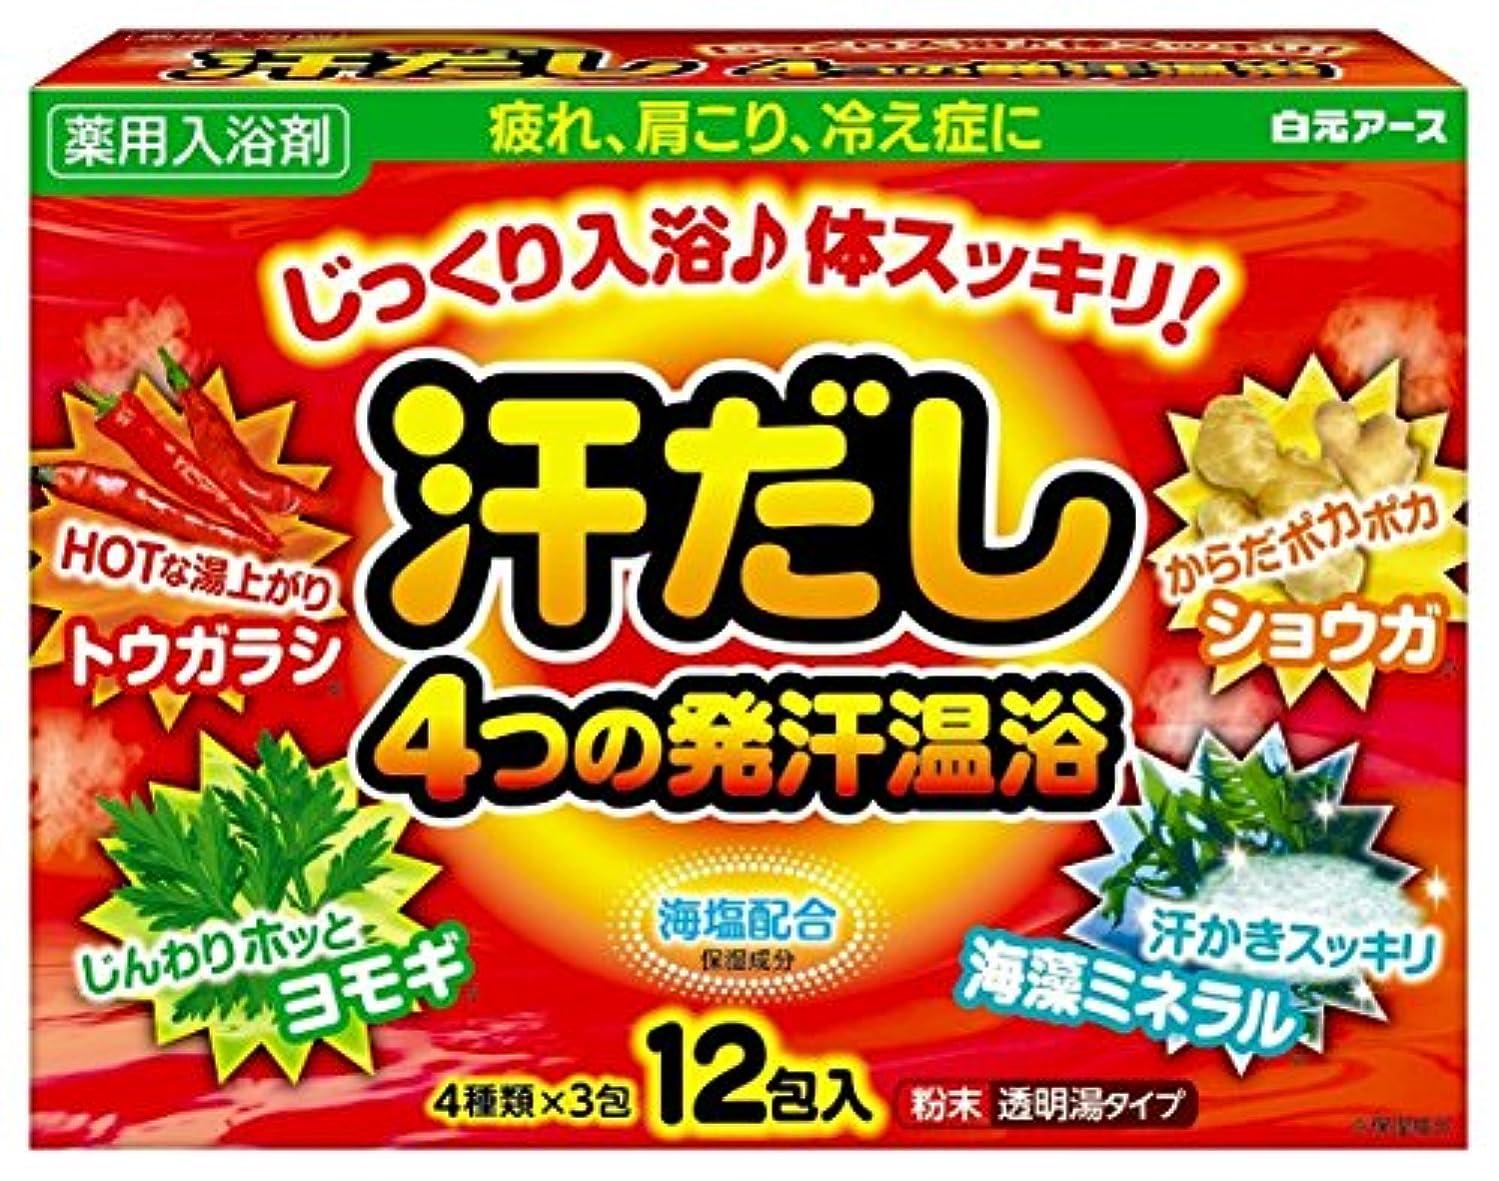 お酒フレームワークボルト薬用入浴剤 汗だし4つの発汗温浴 4種類×3包入